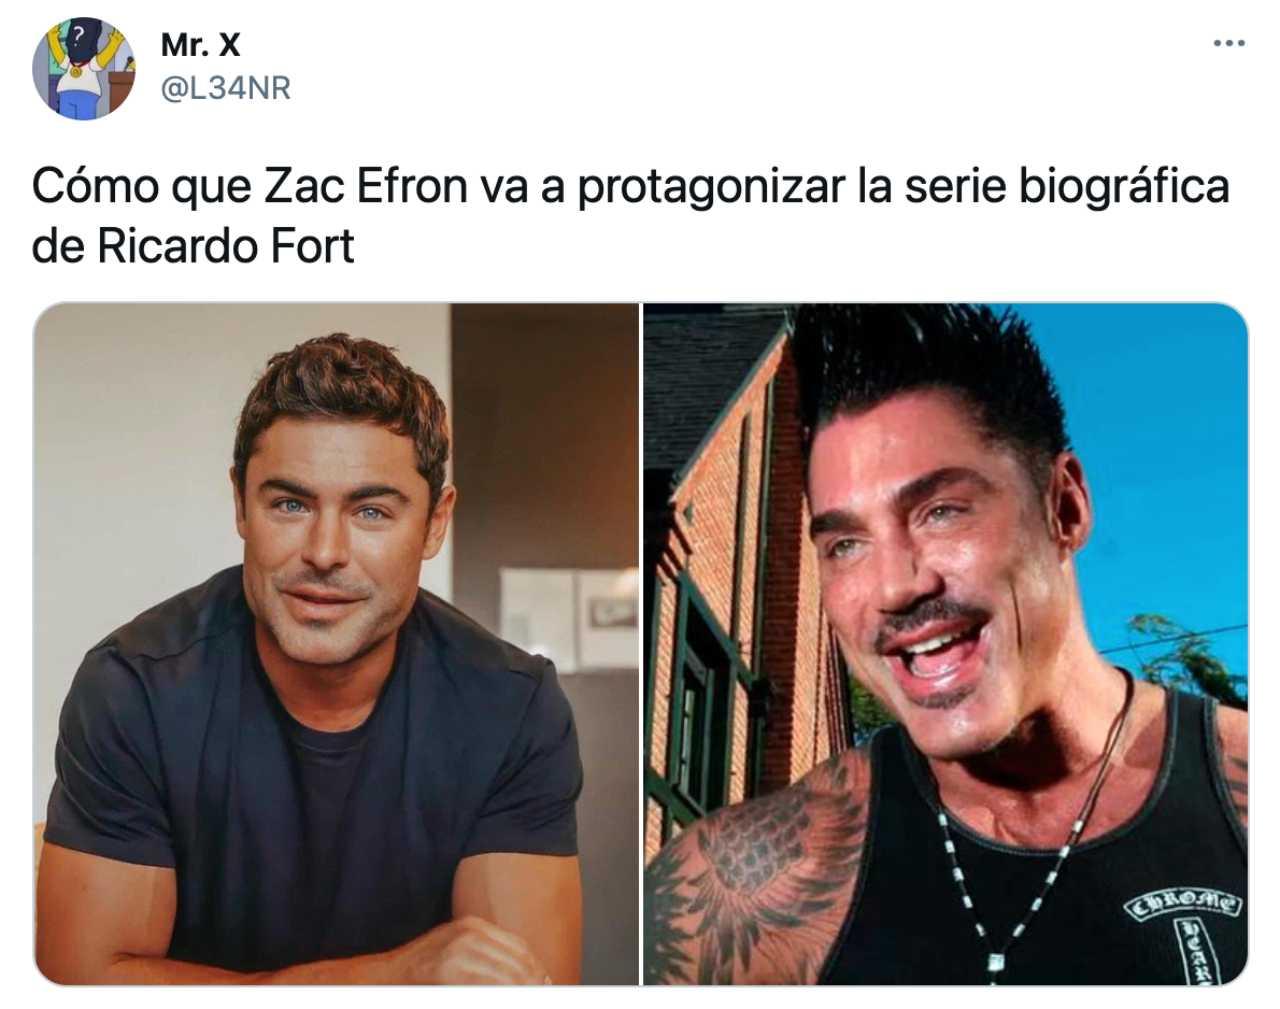 Meme de Zac Efron y Ricardo Fort